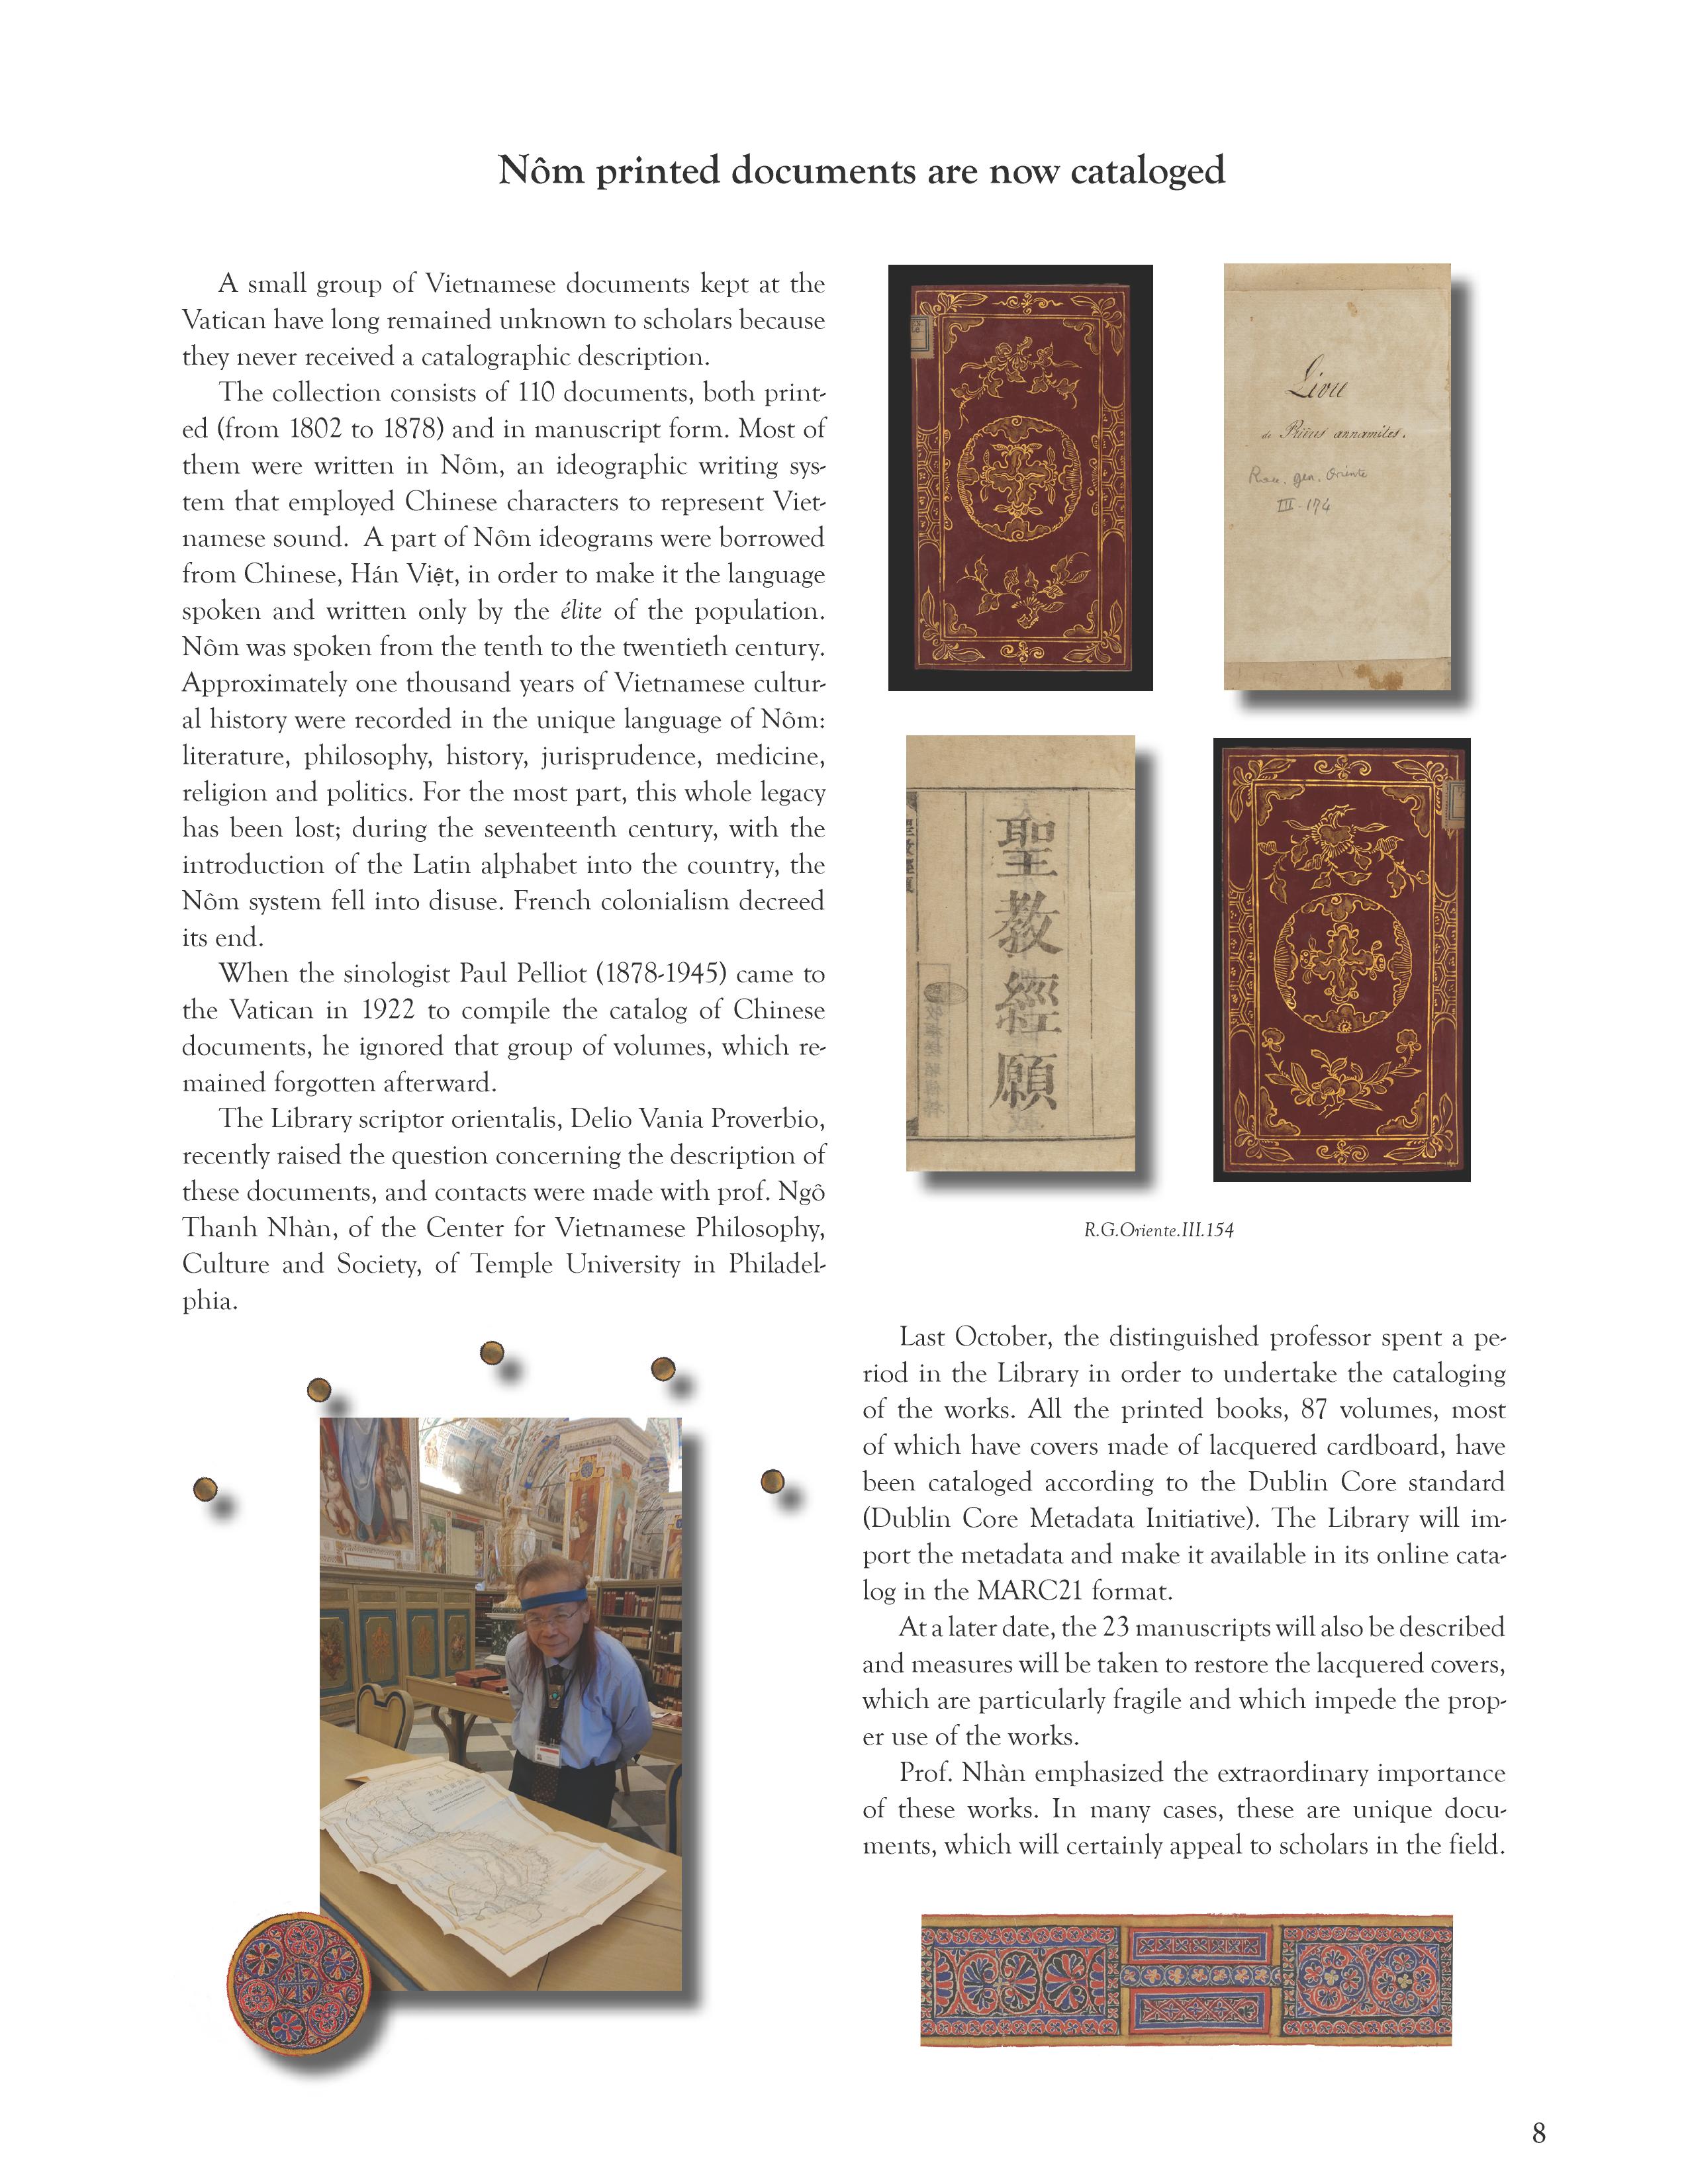 Ngô Thanh Nhàn: Research Page